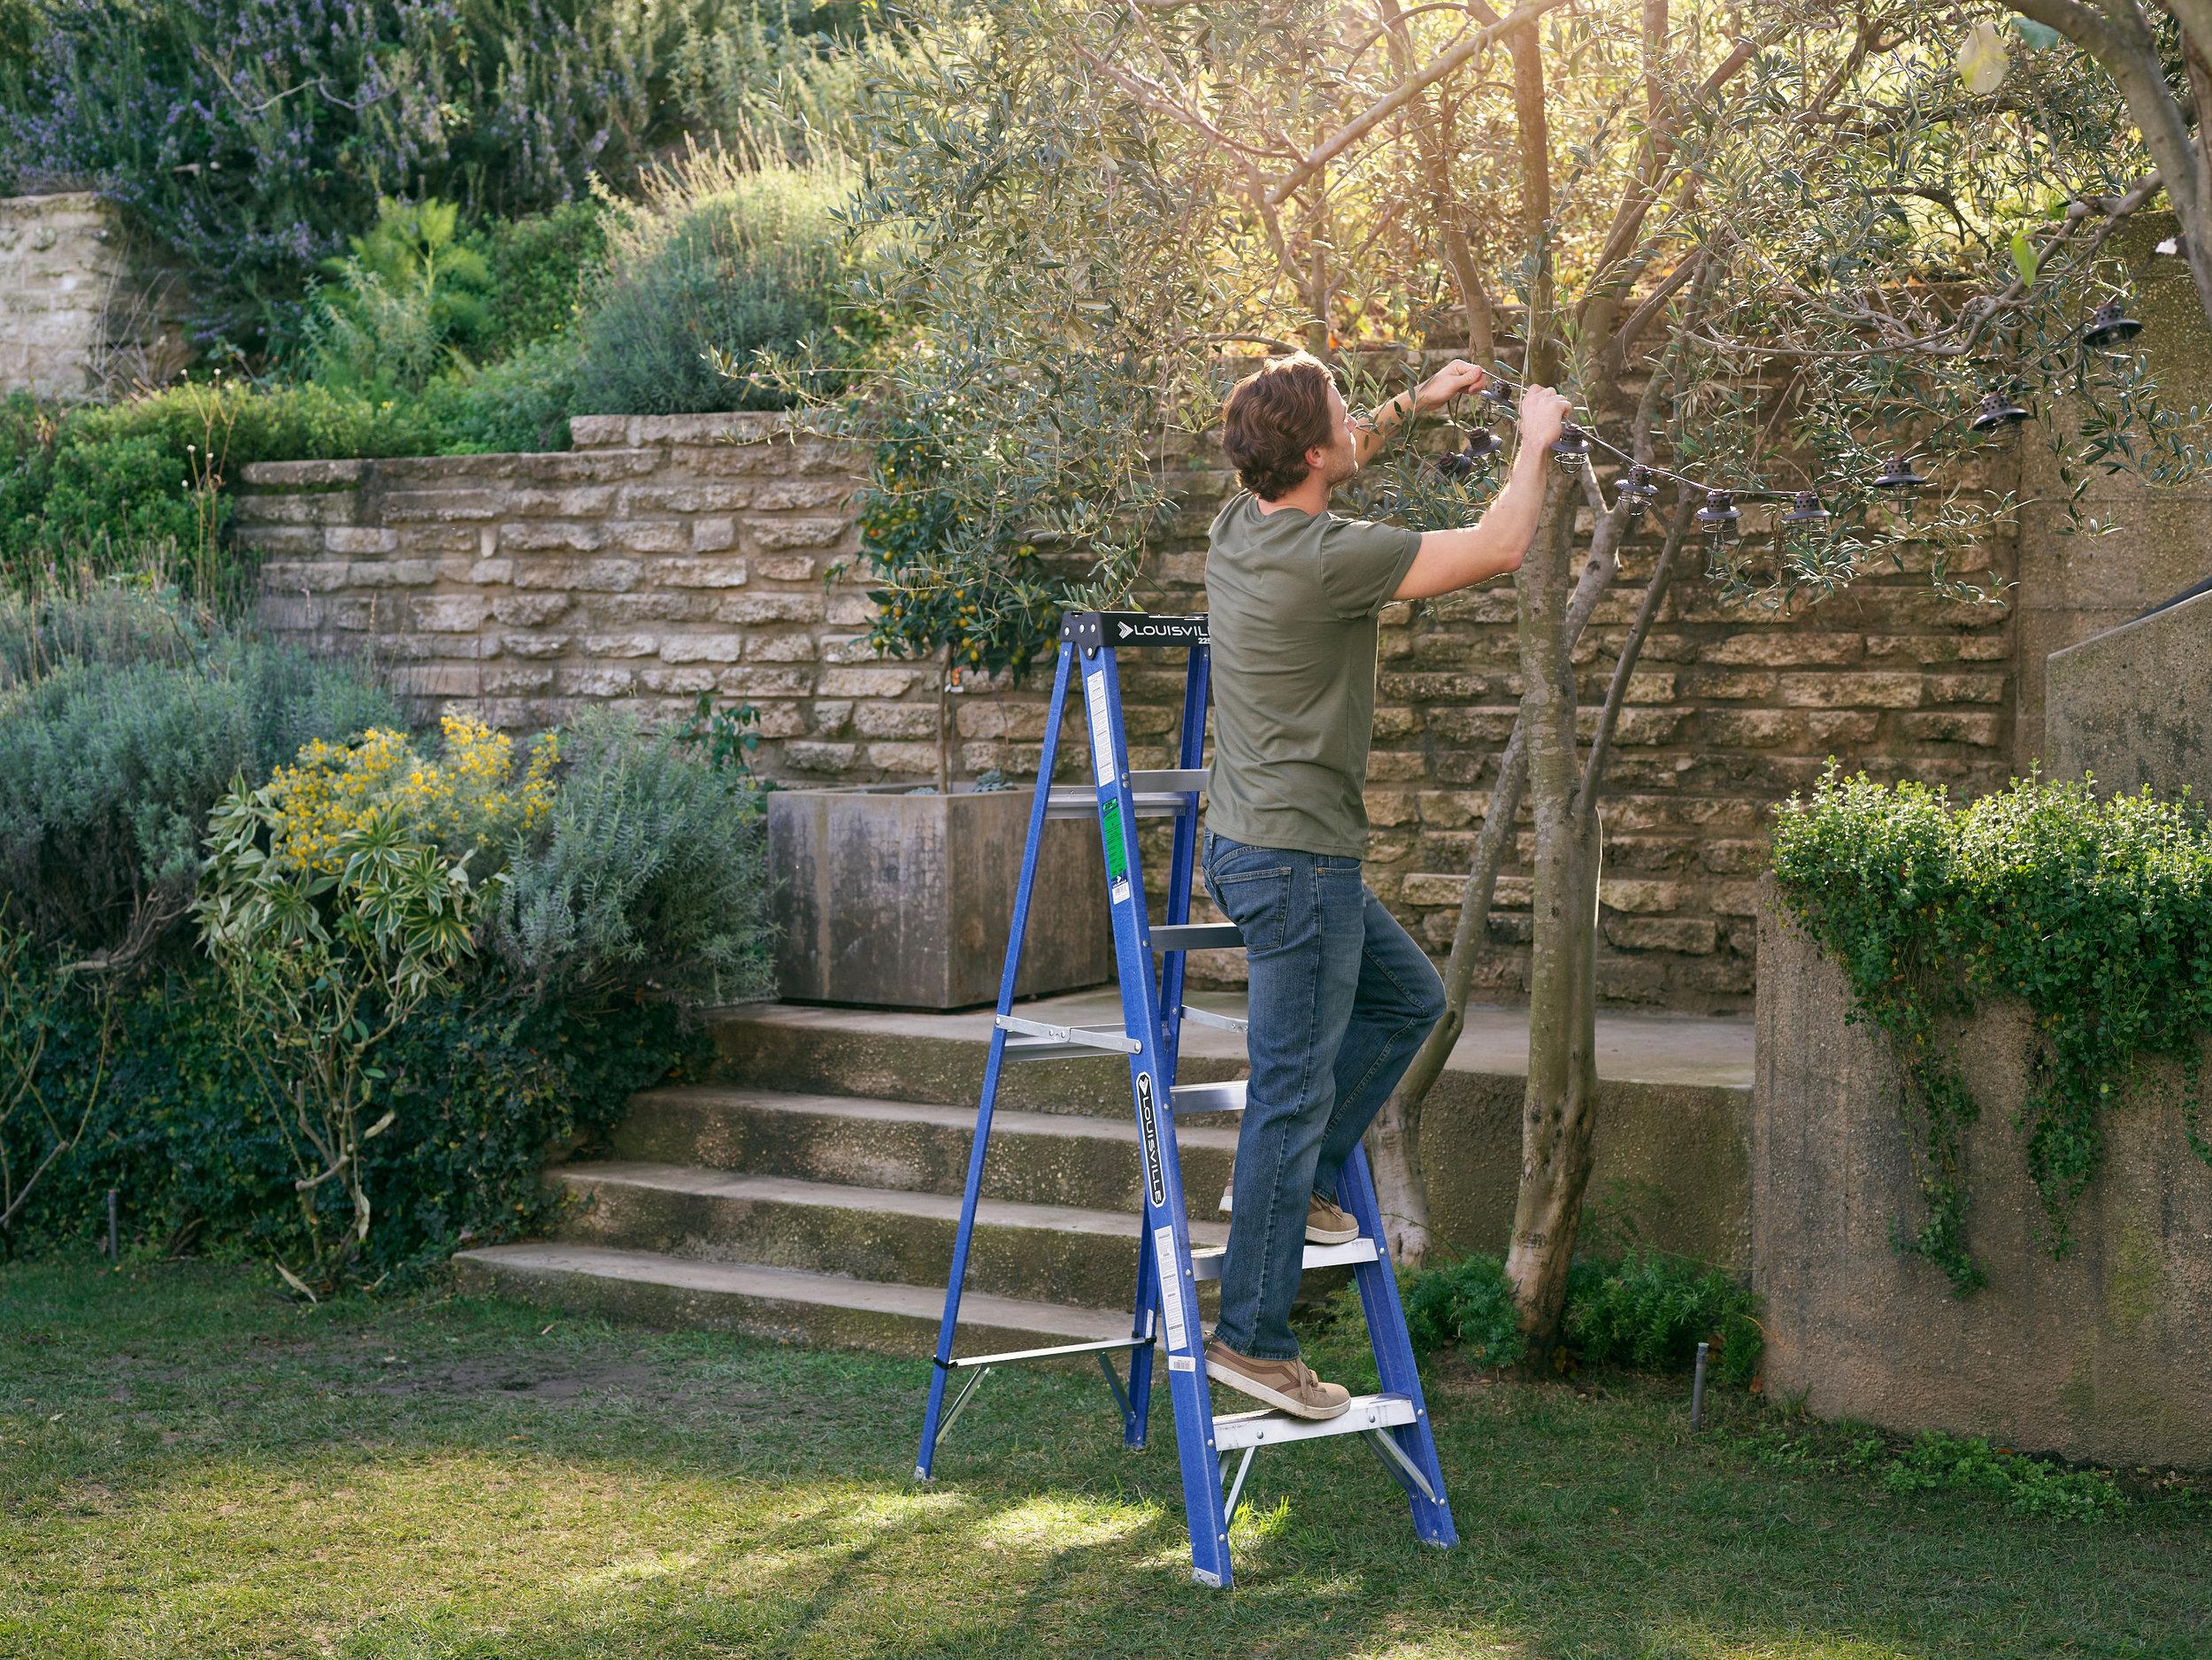 44866_Ladders_SpringForward_Tools_Louisville_31847.jpg